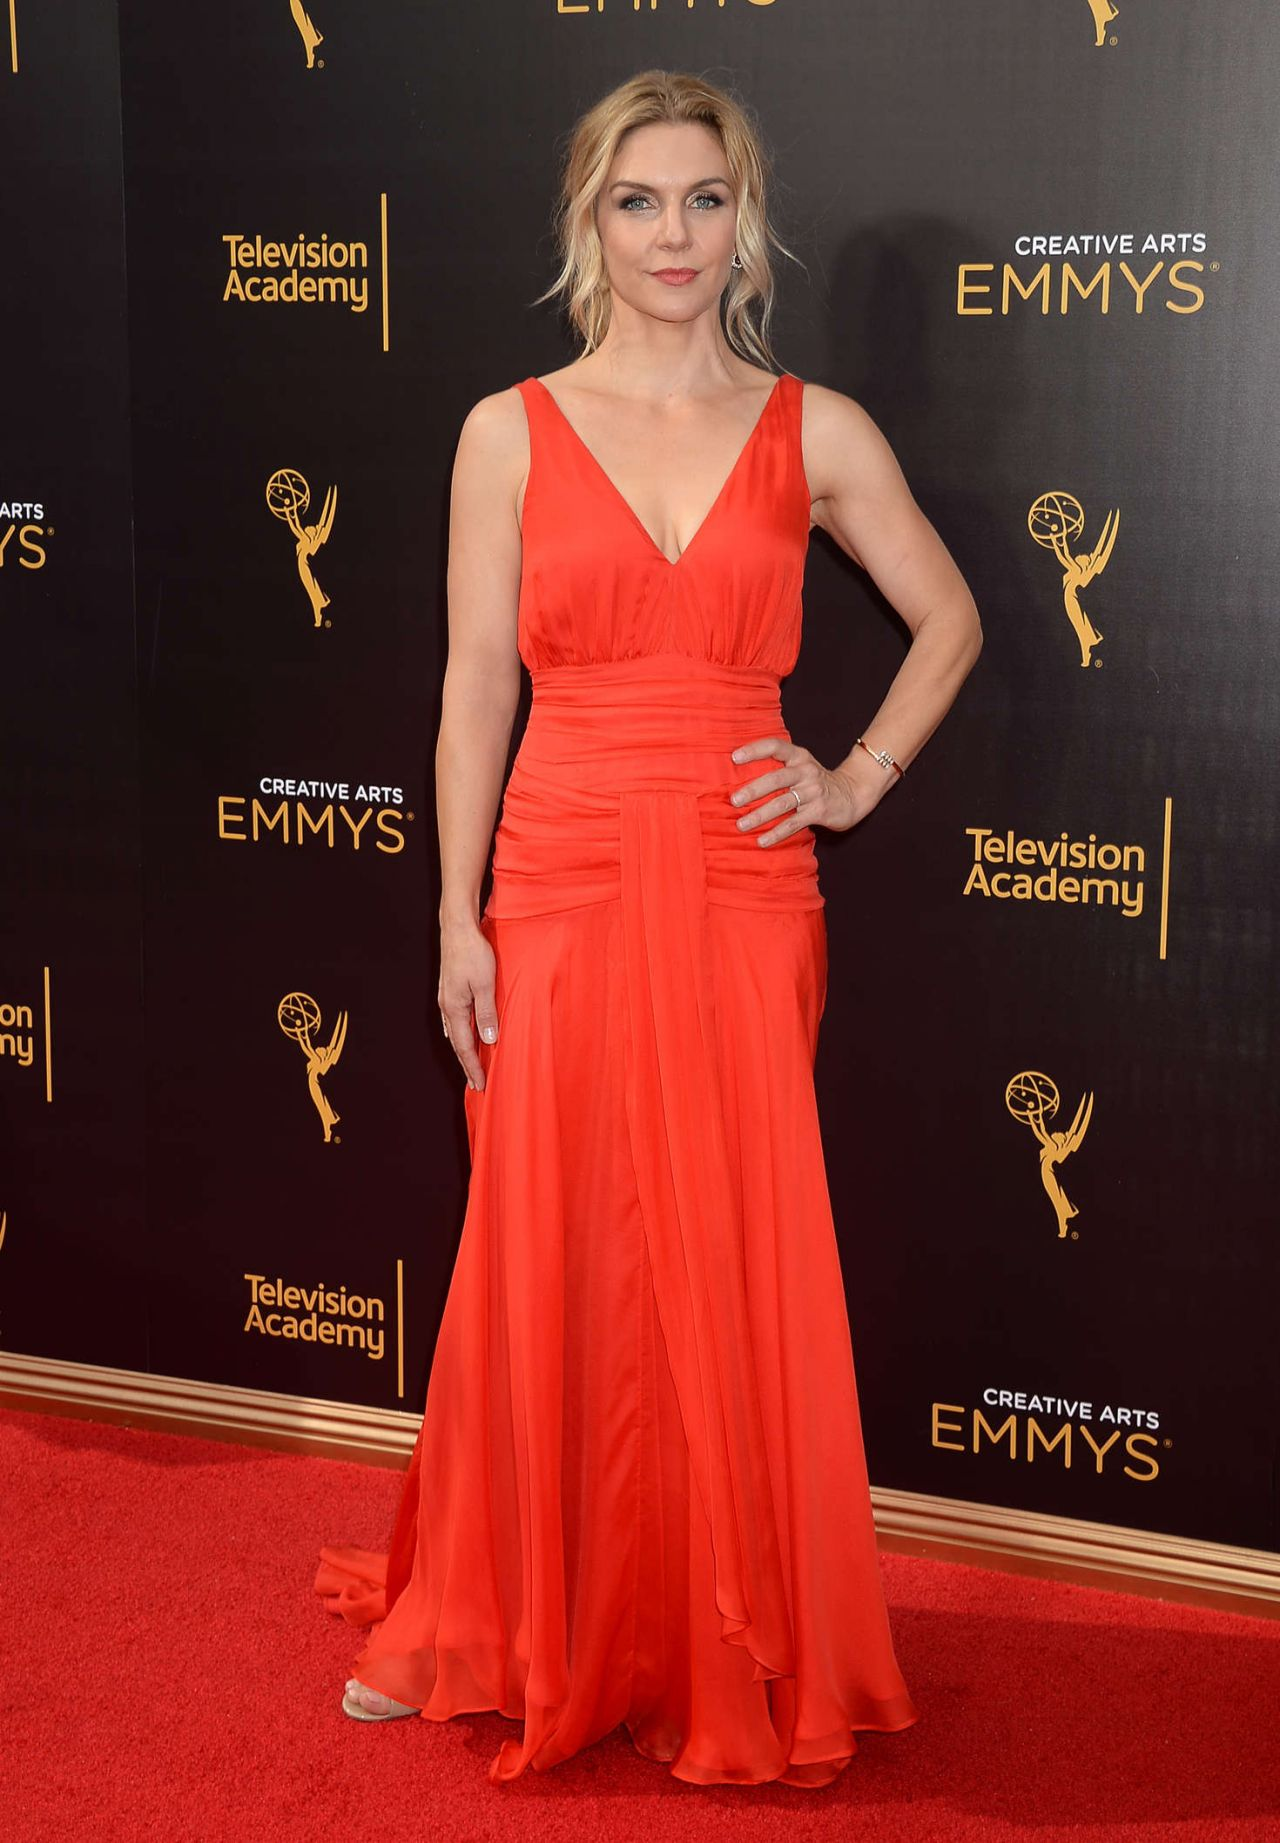 Rhea Seehorn Photos Photos - 68th Annual Primetime Emmy